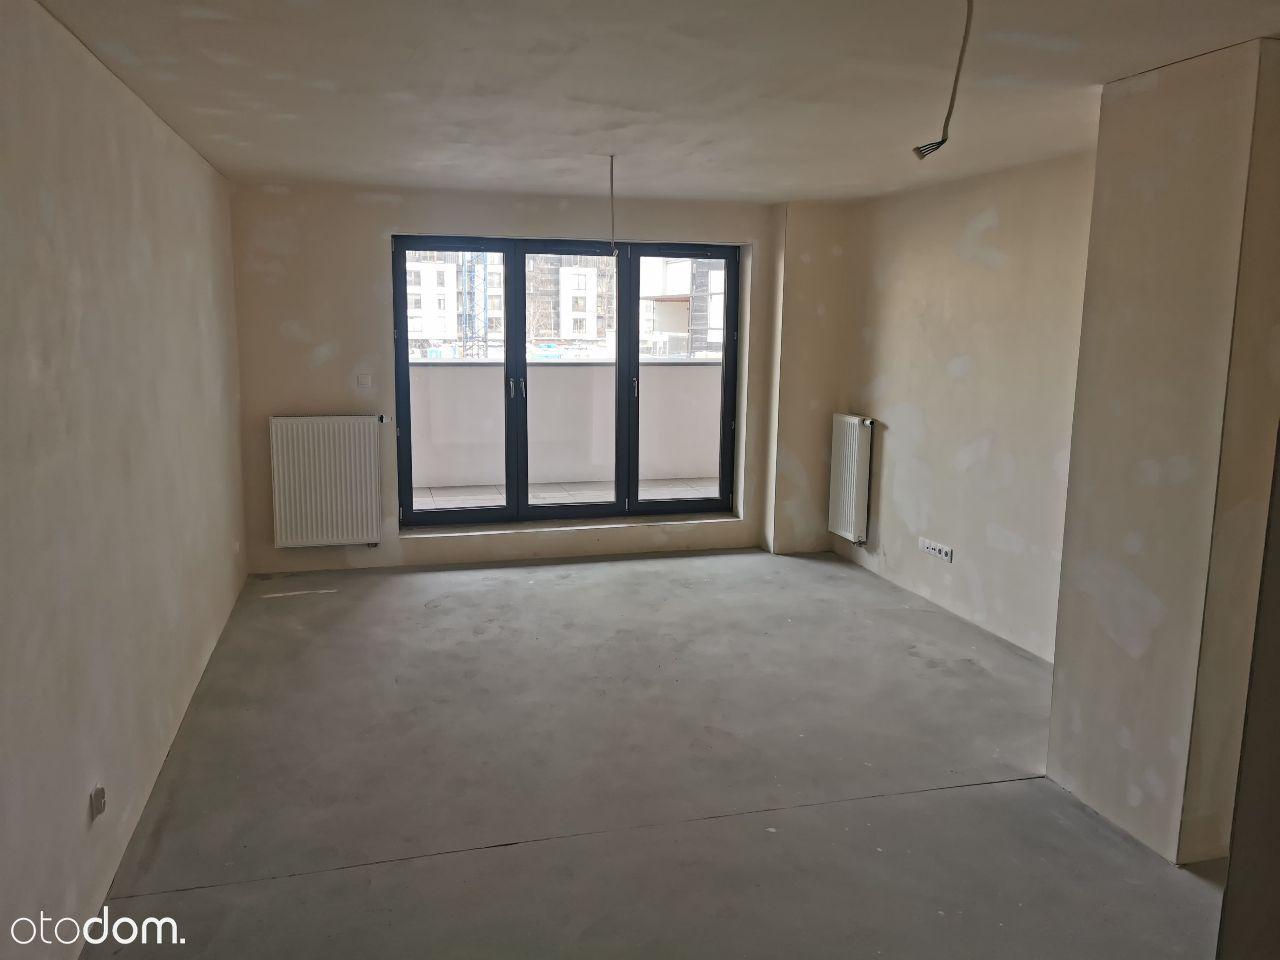 AKTUALNE/ Mieszkanie 35m2 w gotowym etapie WIŚLANE